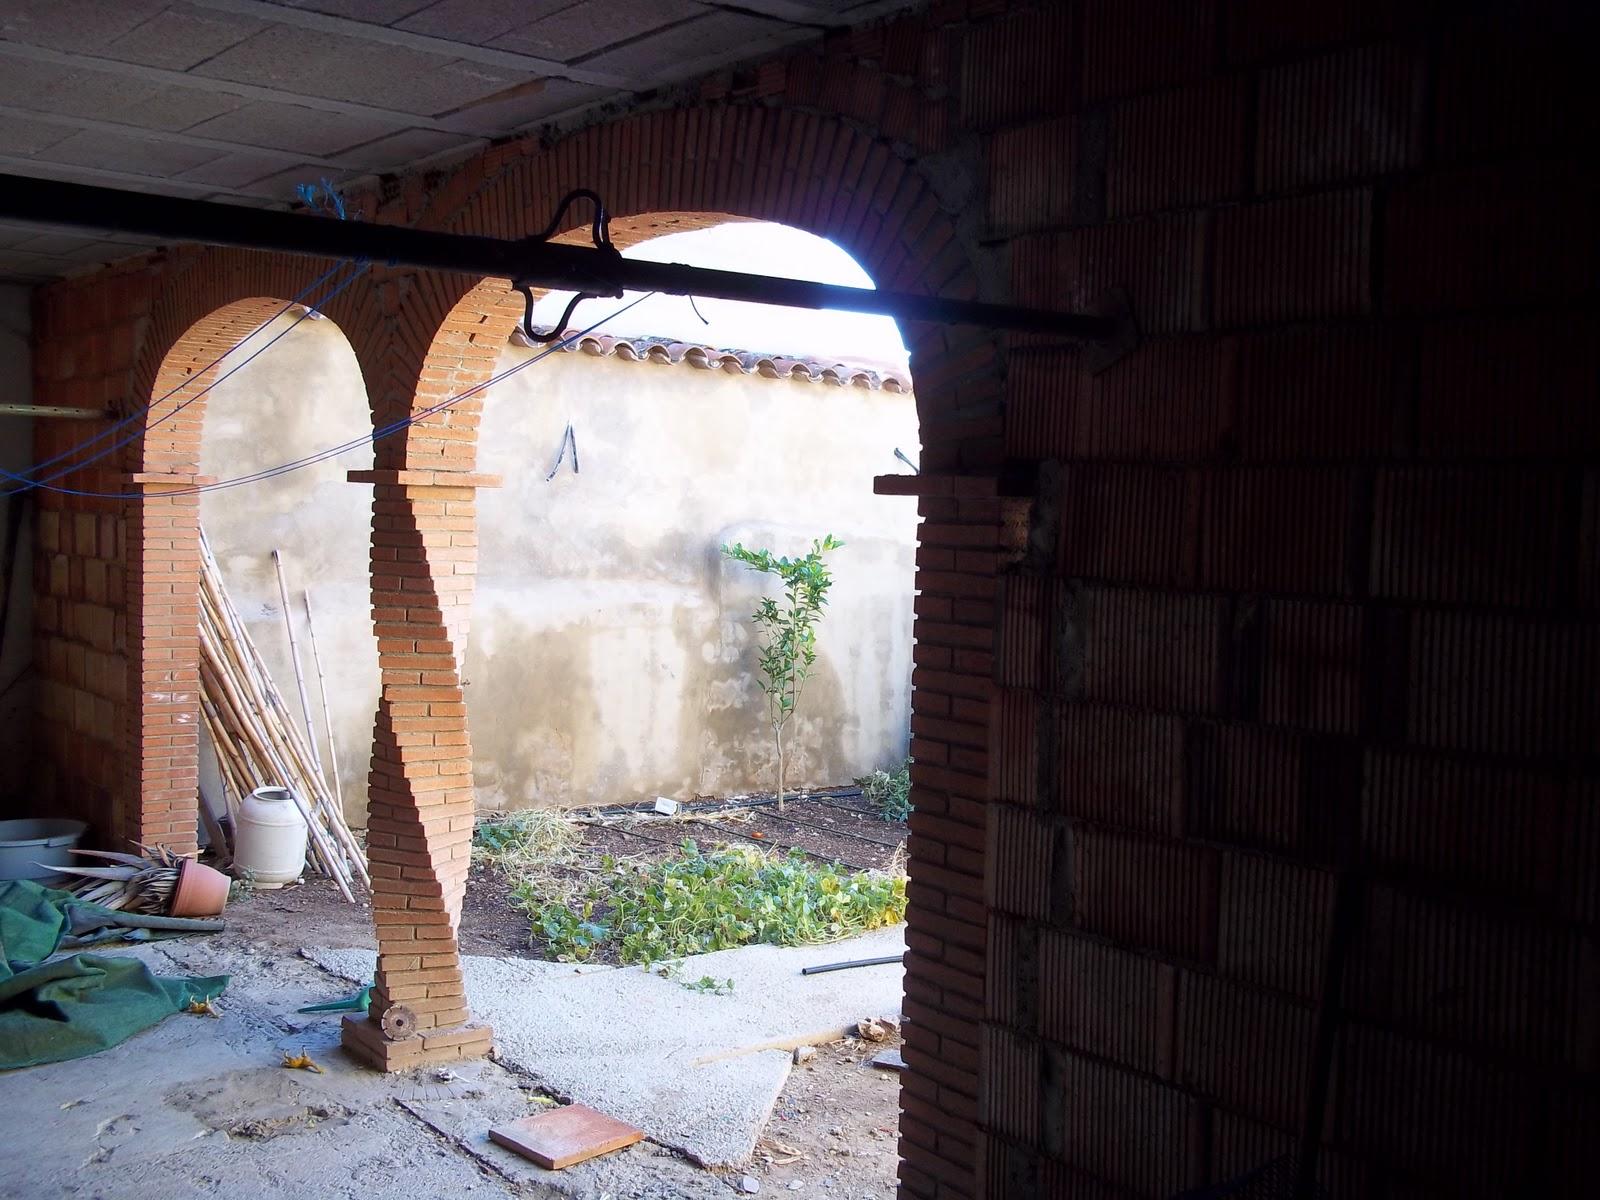 Arcos de ladrillo rustico elegant resultado de imagen de for Arcos de ladrillo rustico